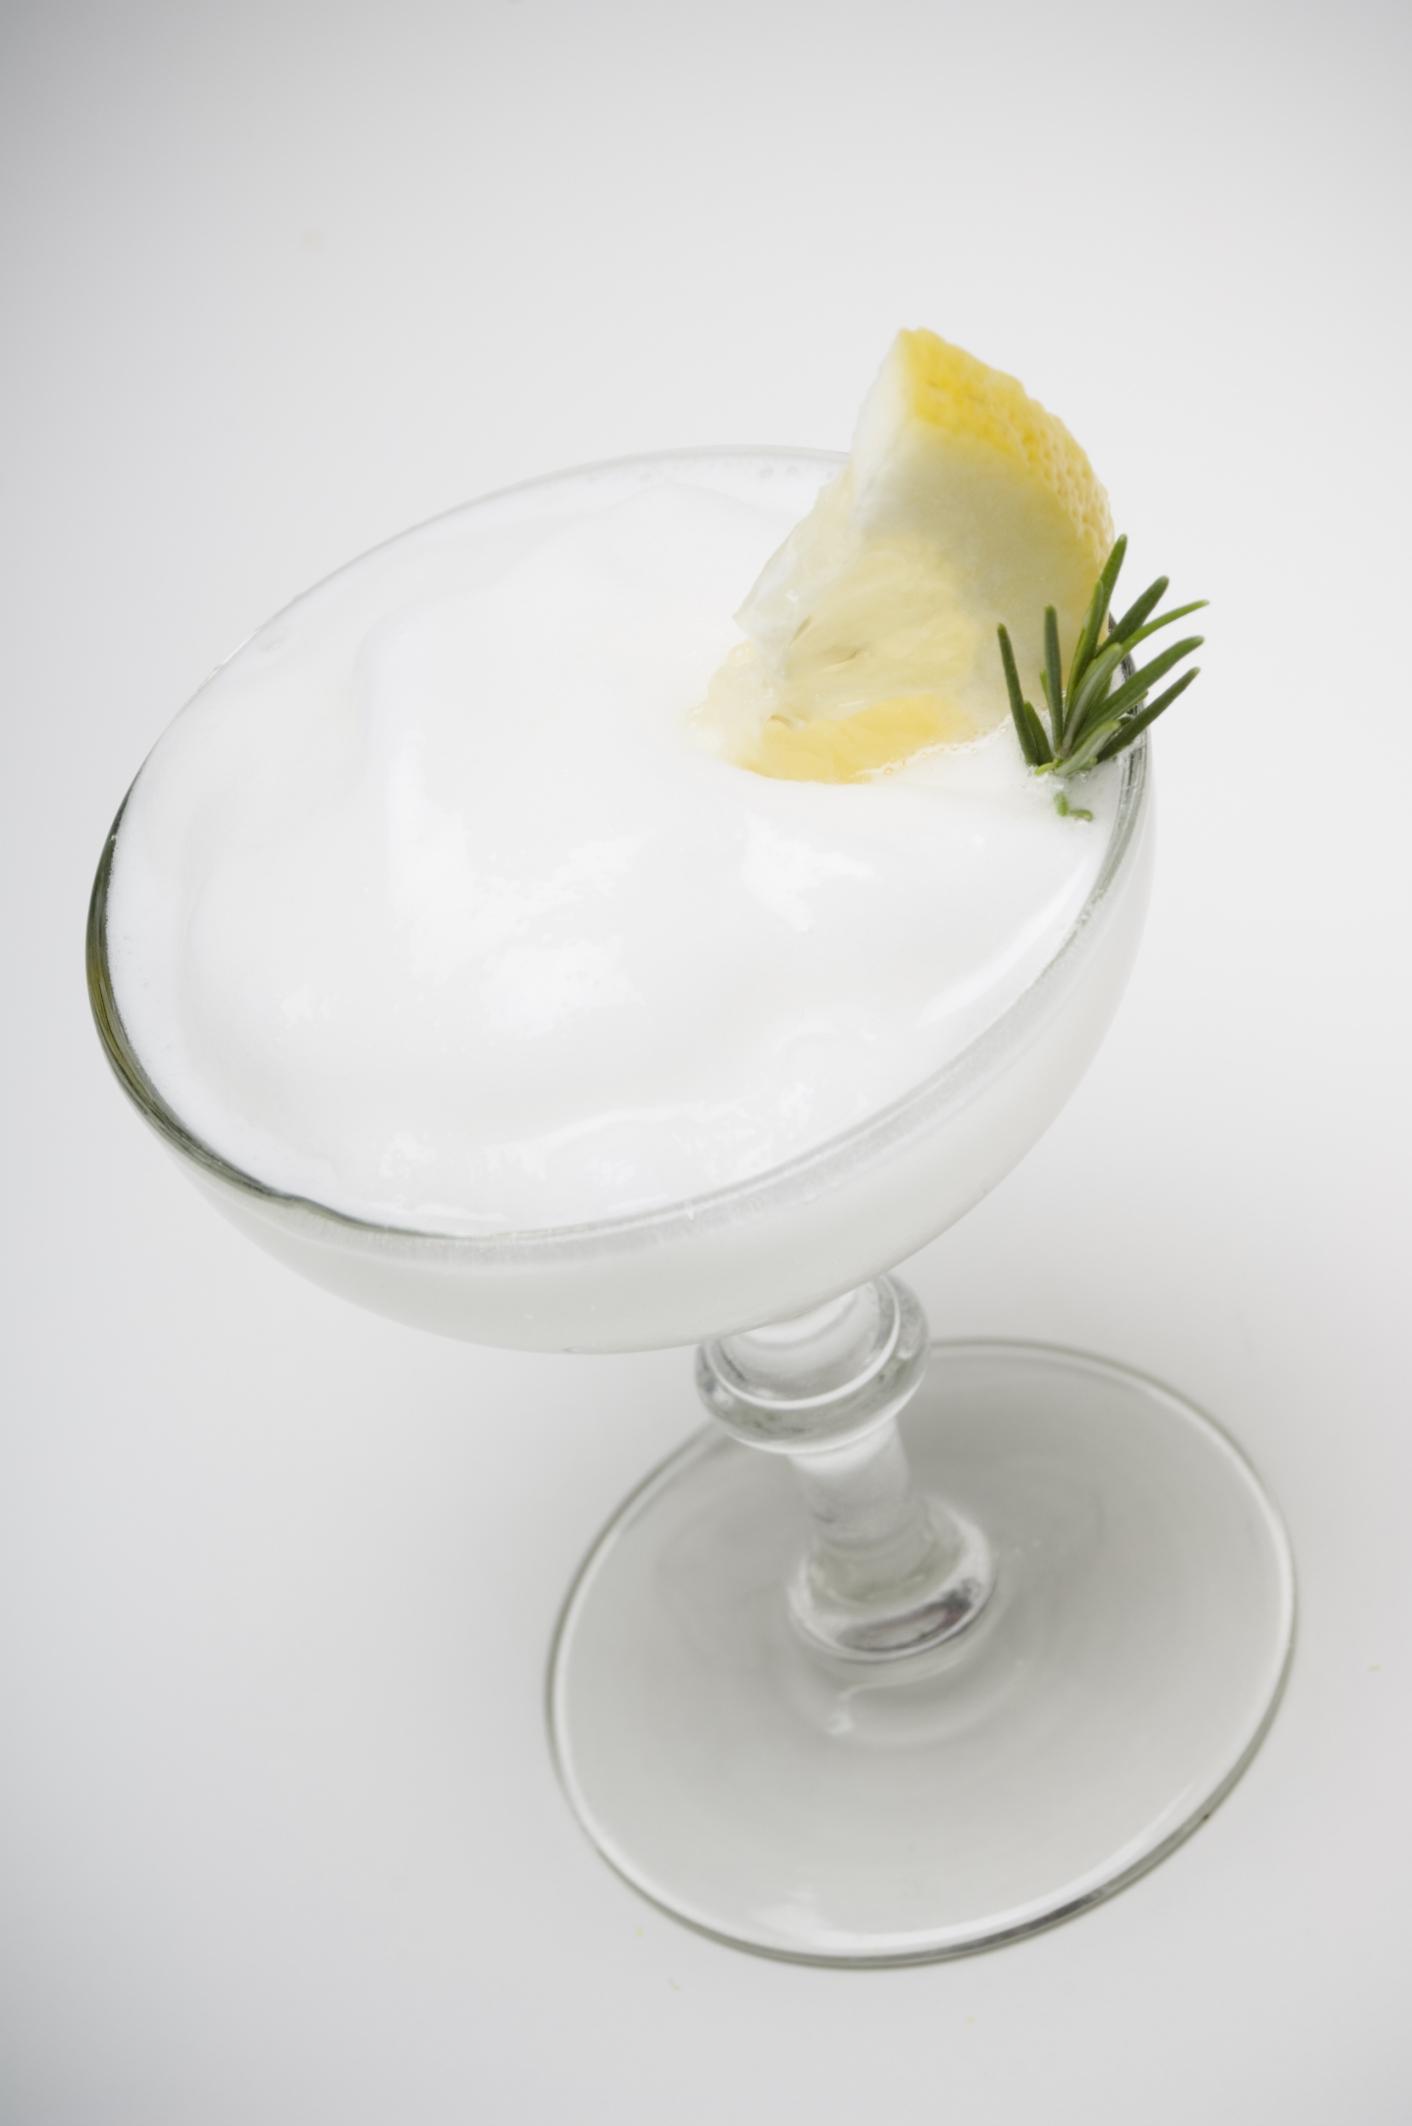 Copa burbujeante de lima y limón